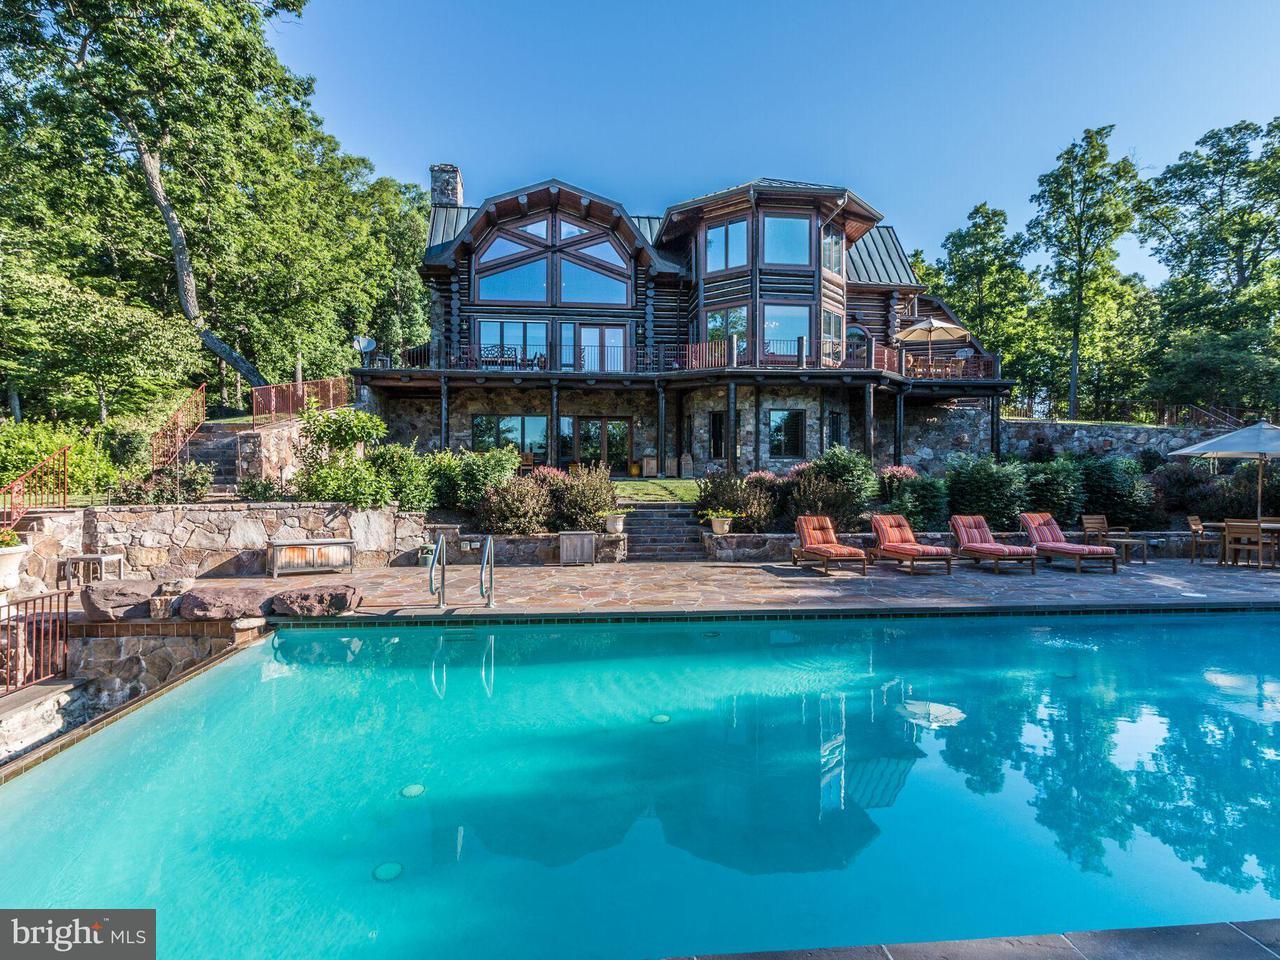 Einfamilienhaus für Verkauf beim 610 PIN OAK Road 610 PIN OAK Road Paw Paw, West Virginia 25434 Vereinigte Staaten